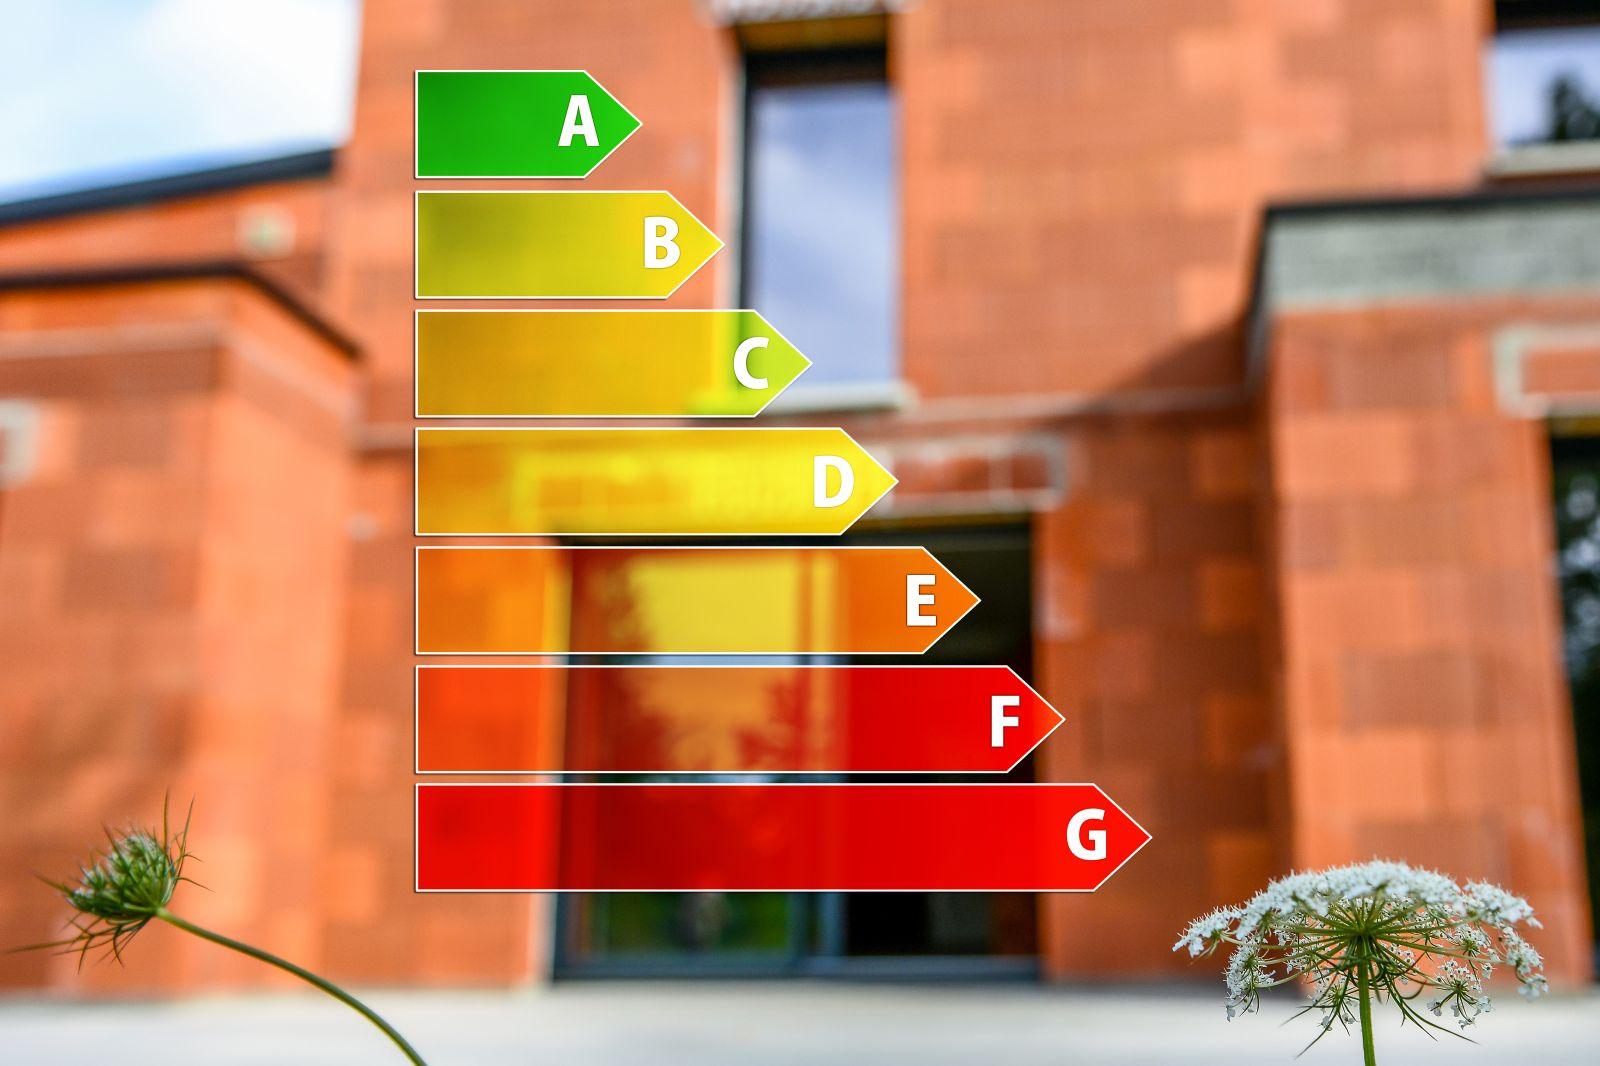 Schematik der Energieeffizienzklassen A bis G im Vordergrund und einem Haus im Hintergrund